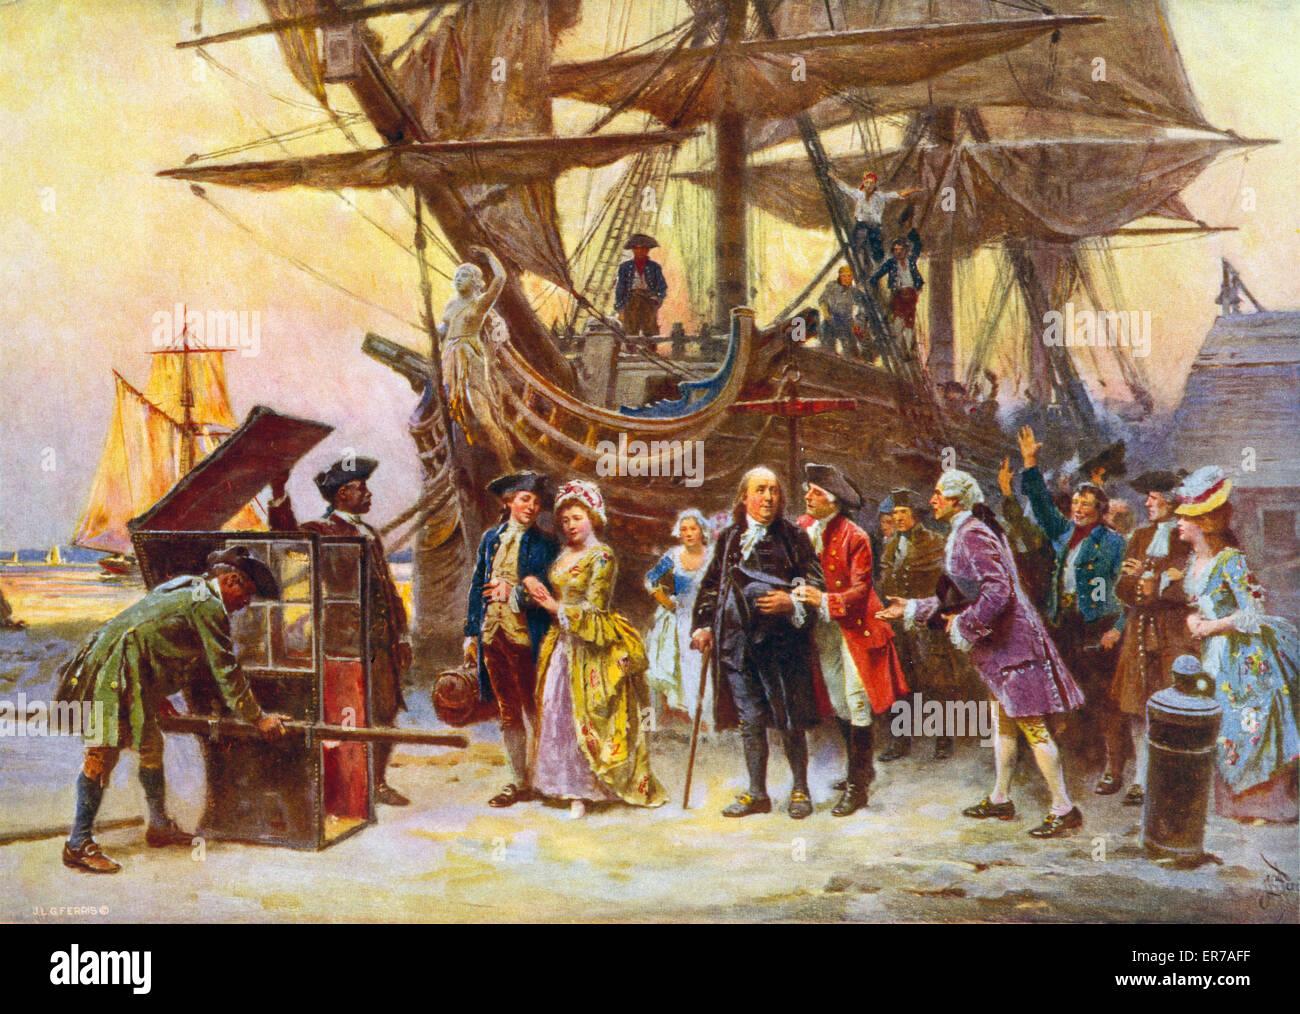 Franklin's return to Philadelphia, 1785. Benjamin Franklin, Richard Bache,  his wife Sarah, Franklin's daughter, and her son Benjamin Franklin Bache at  ...